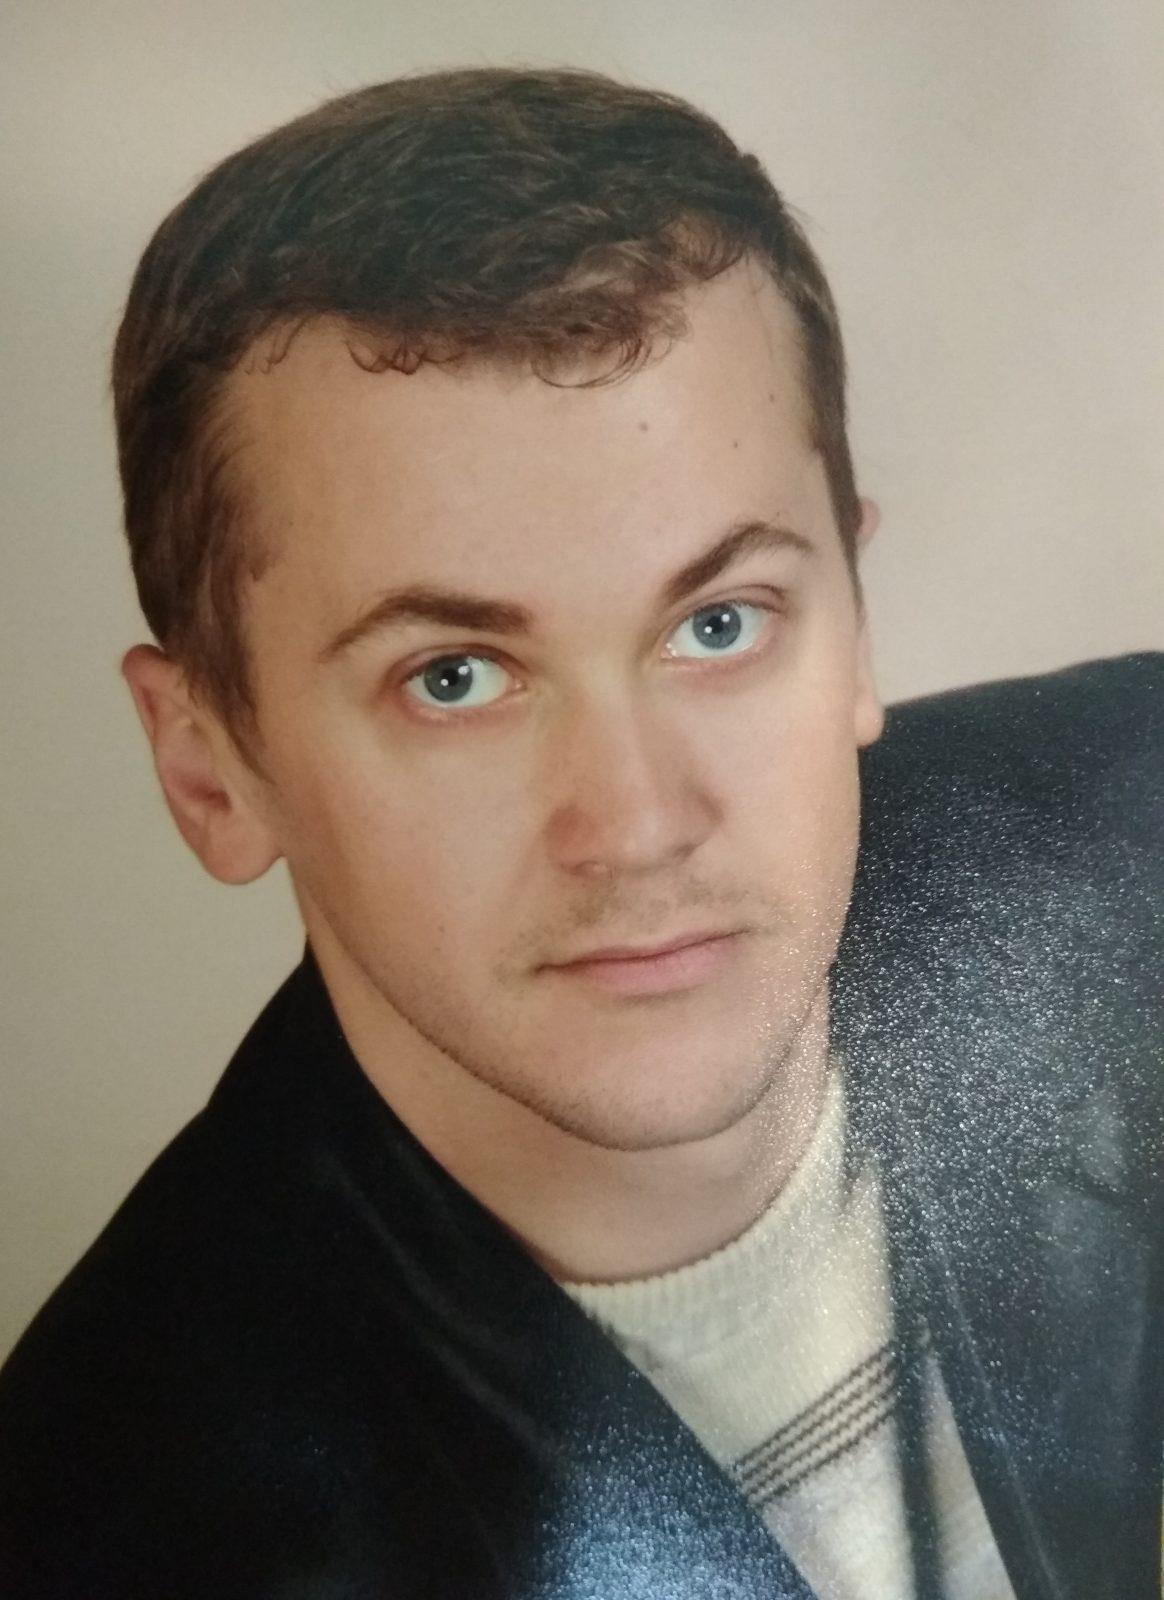 Andrii Yosypovych Zaporozhets